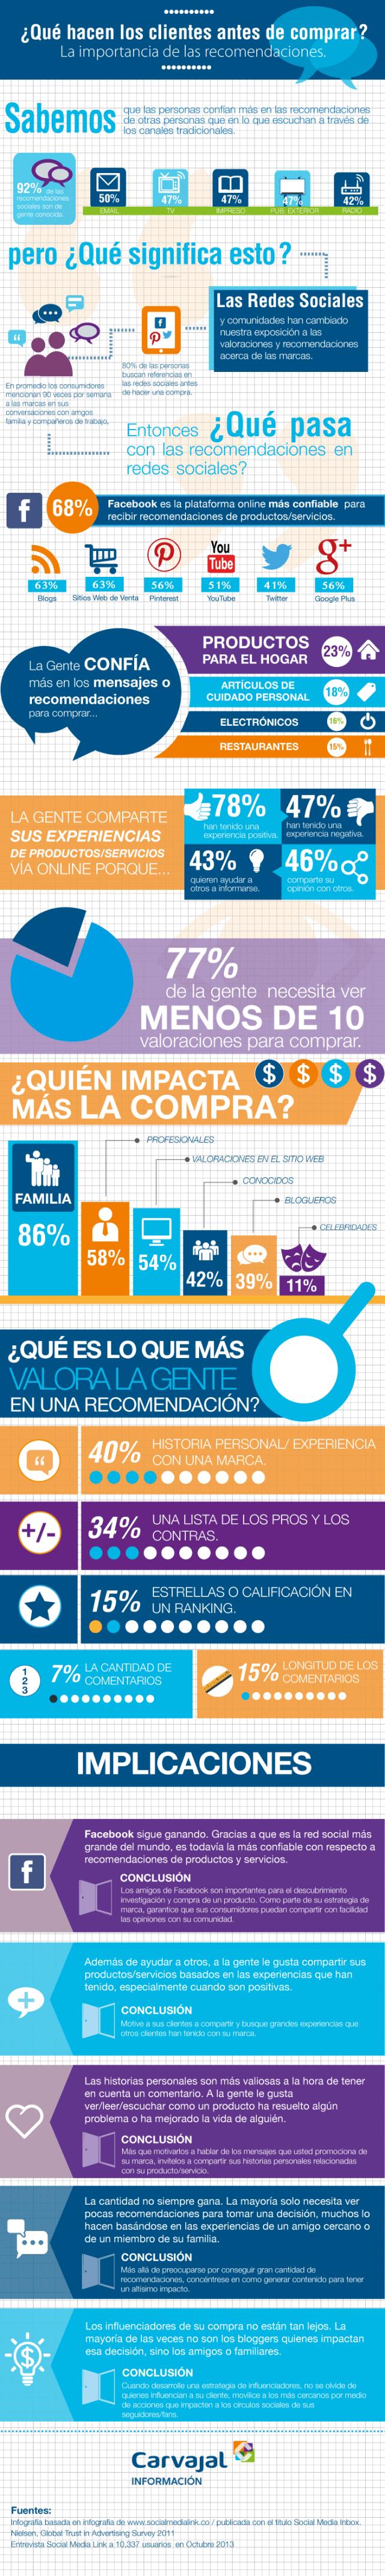 infografia_que_hace_los_clientes_antes_de_comprar